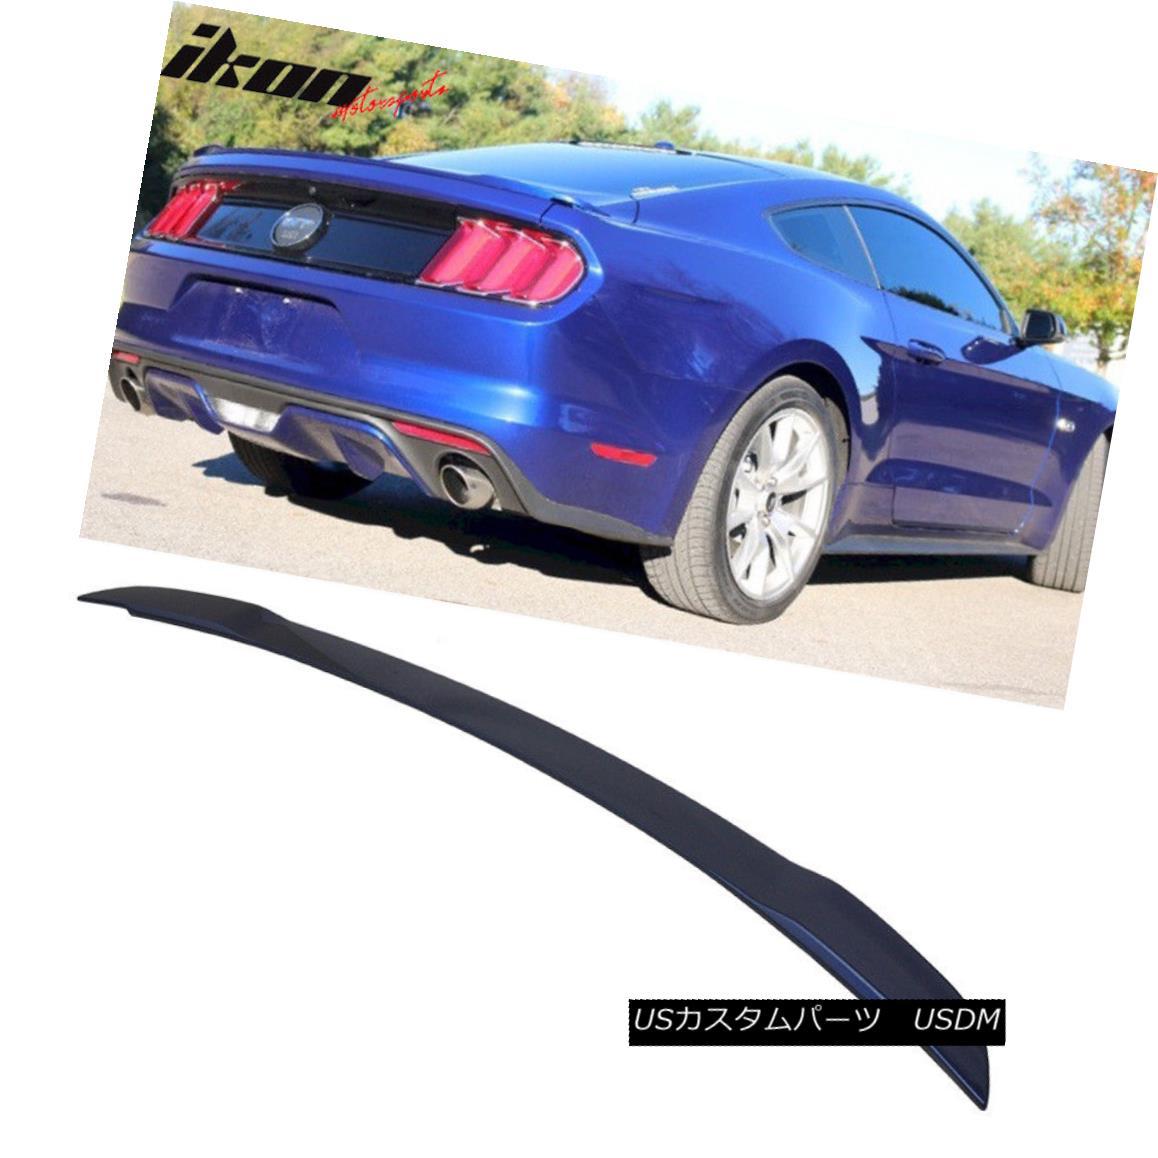 エアロパーツ Fit For 15-18 Ford Mustang GT Trunk Spoiler Painted Deep Impact Blue # J4 フィット15-18フォードマスタングGTトランクスポイラーディープインパクトブルー#J4を塗った